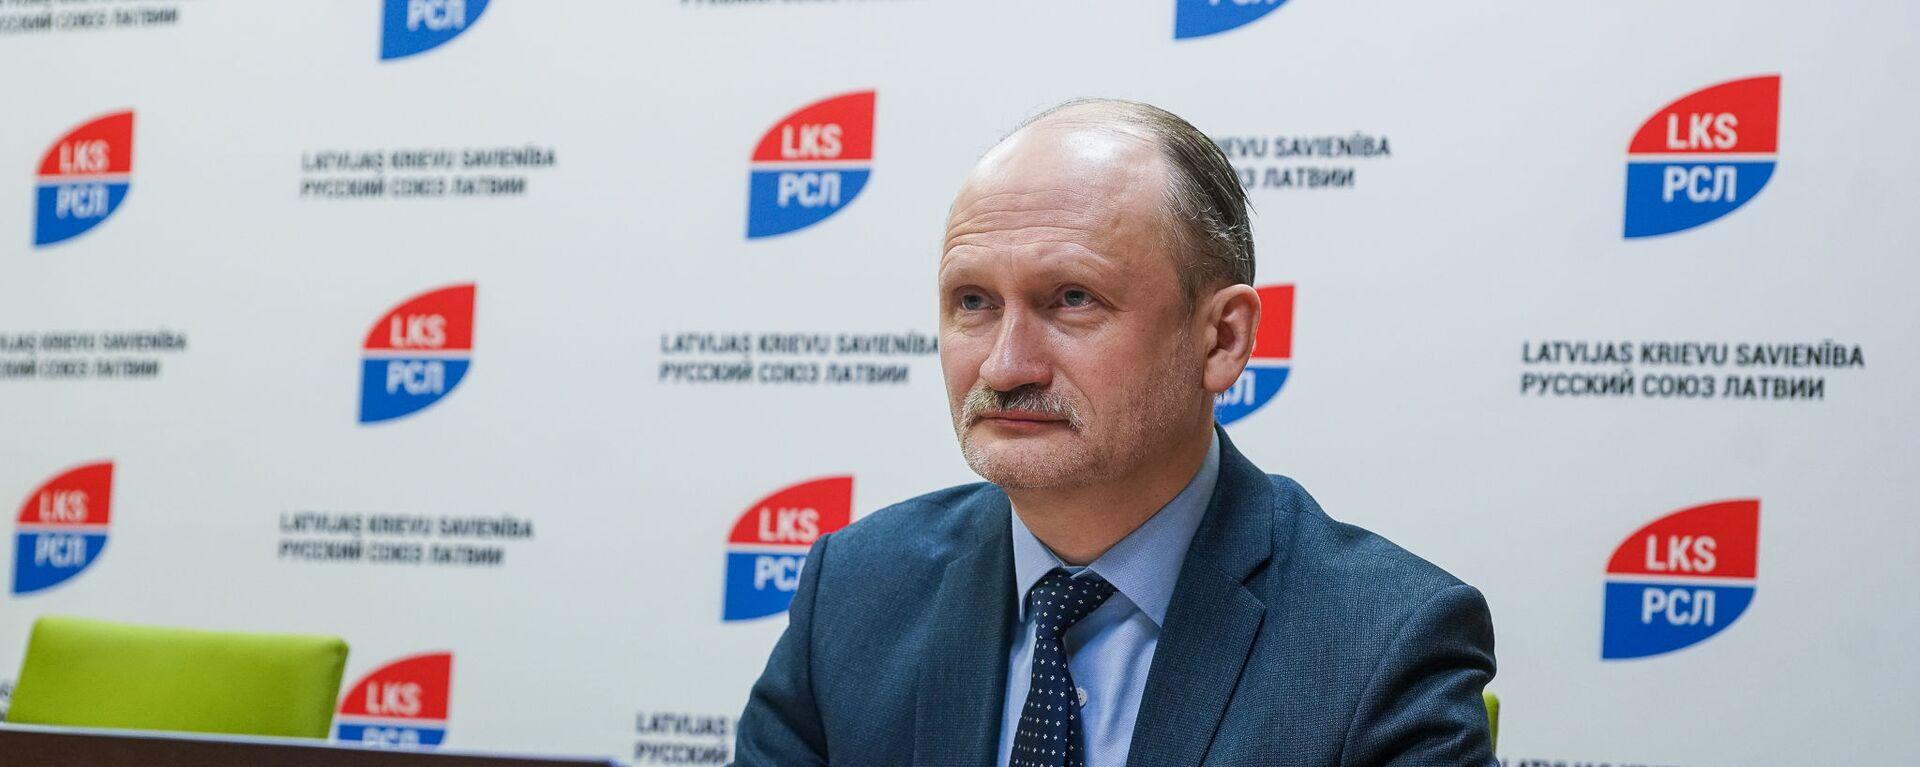 Мирослав Митрофанов, сопредседатель партии Русский союз Латвии - Sputnik Латвия, 1920, 17.06.2021